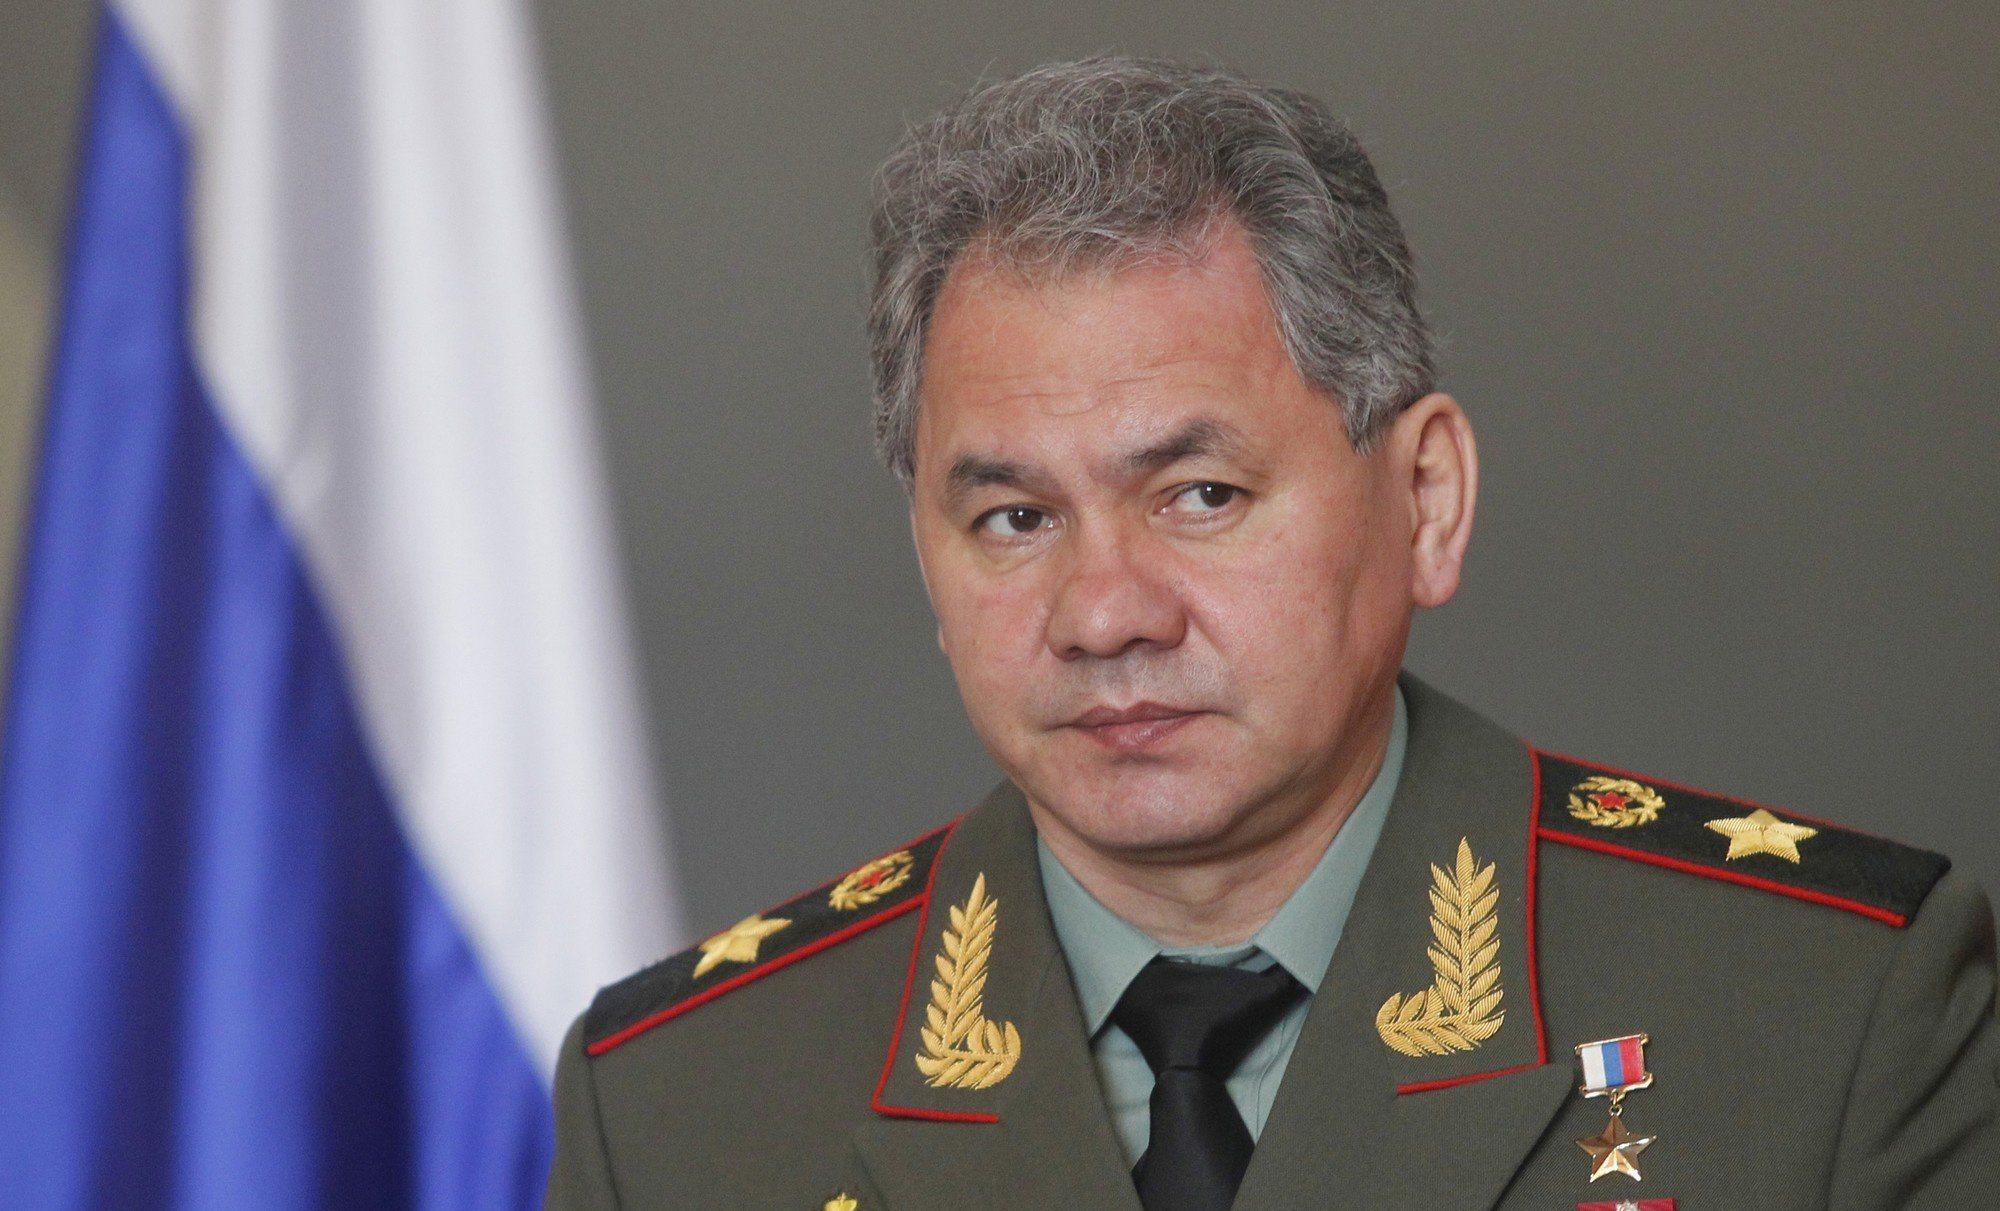 وزير الدفاع الروسي يبحث هاتفيًا مع نظيره الفرنسي الوضع في سوريا